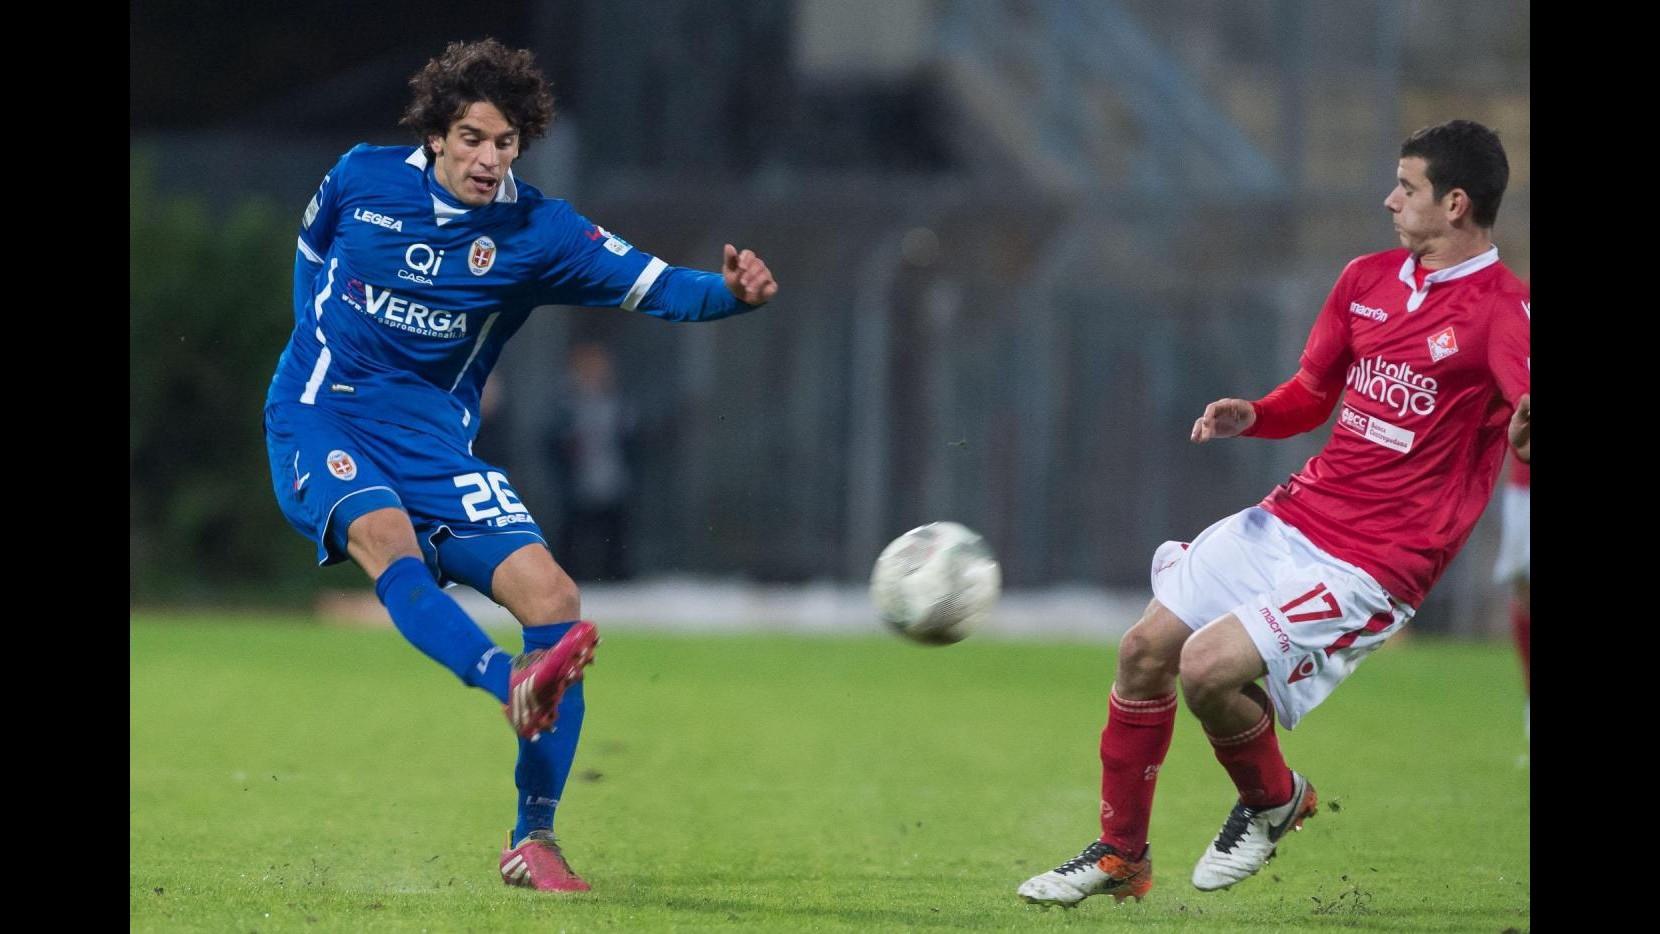 FOTO Il Piacenza batte il Como 3-1